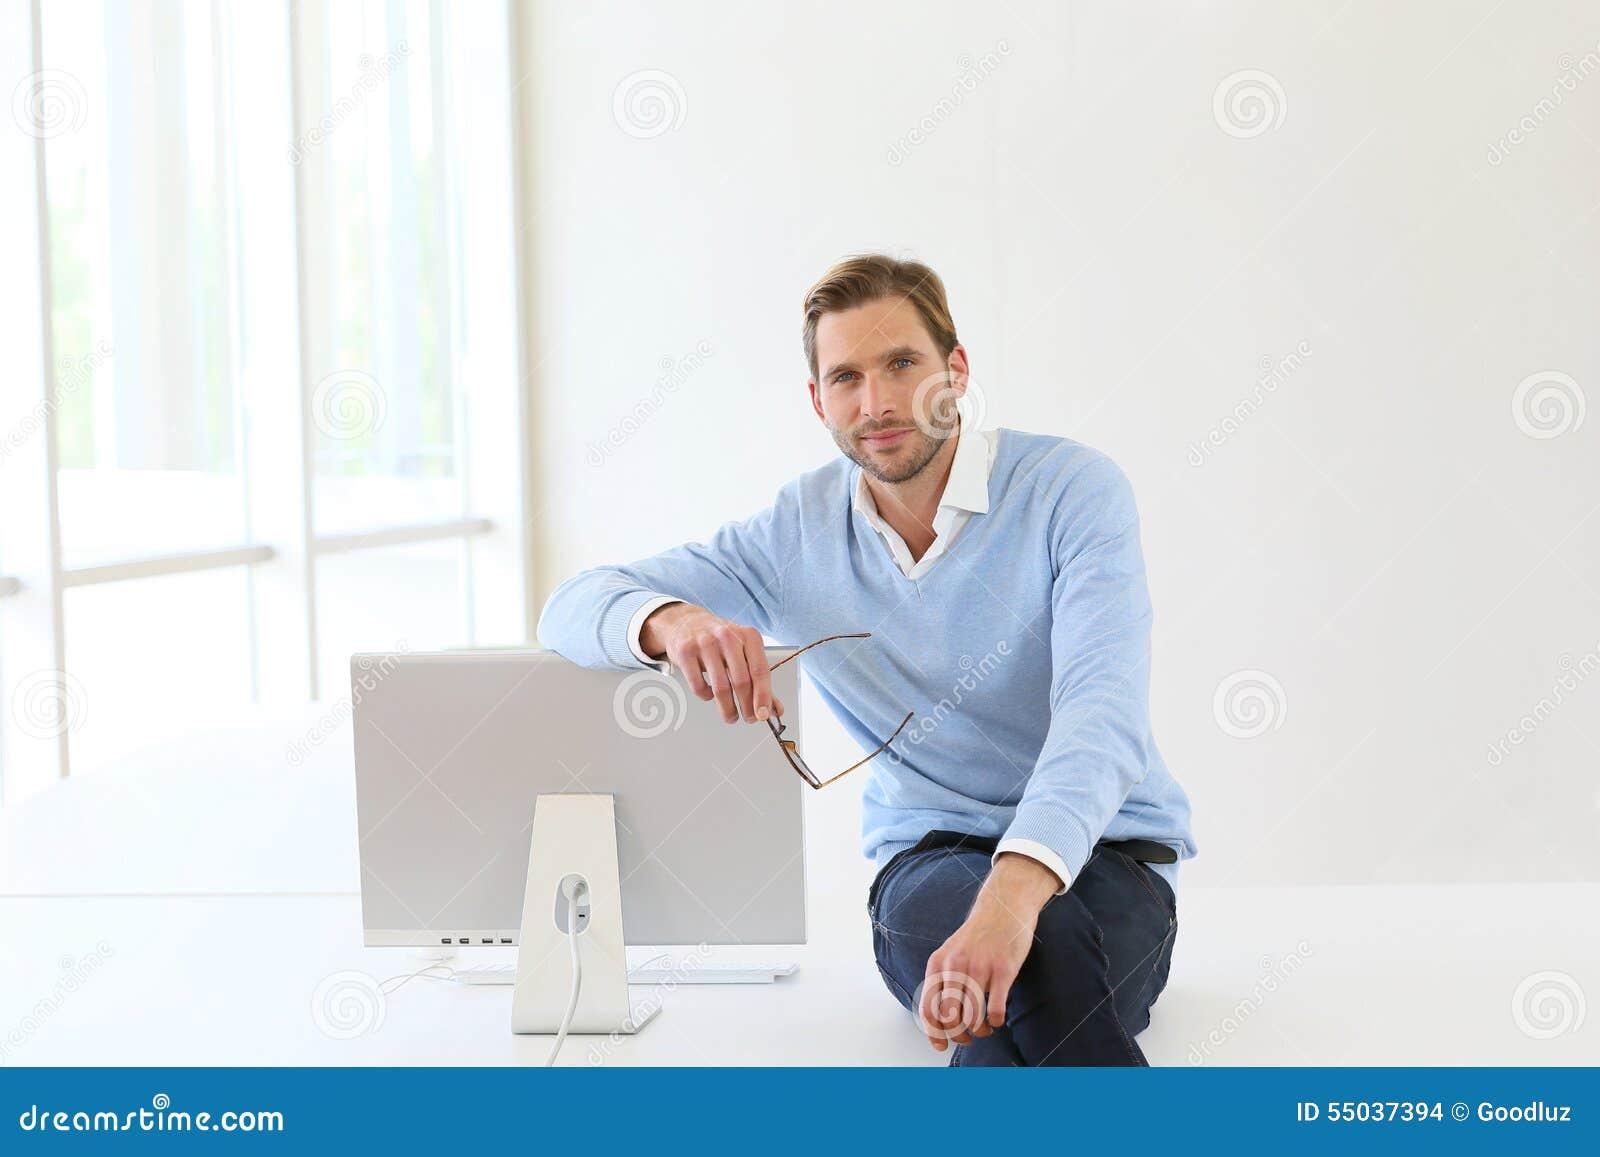 Geschäftsmann Sitting On Desk